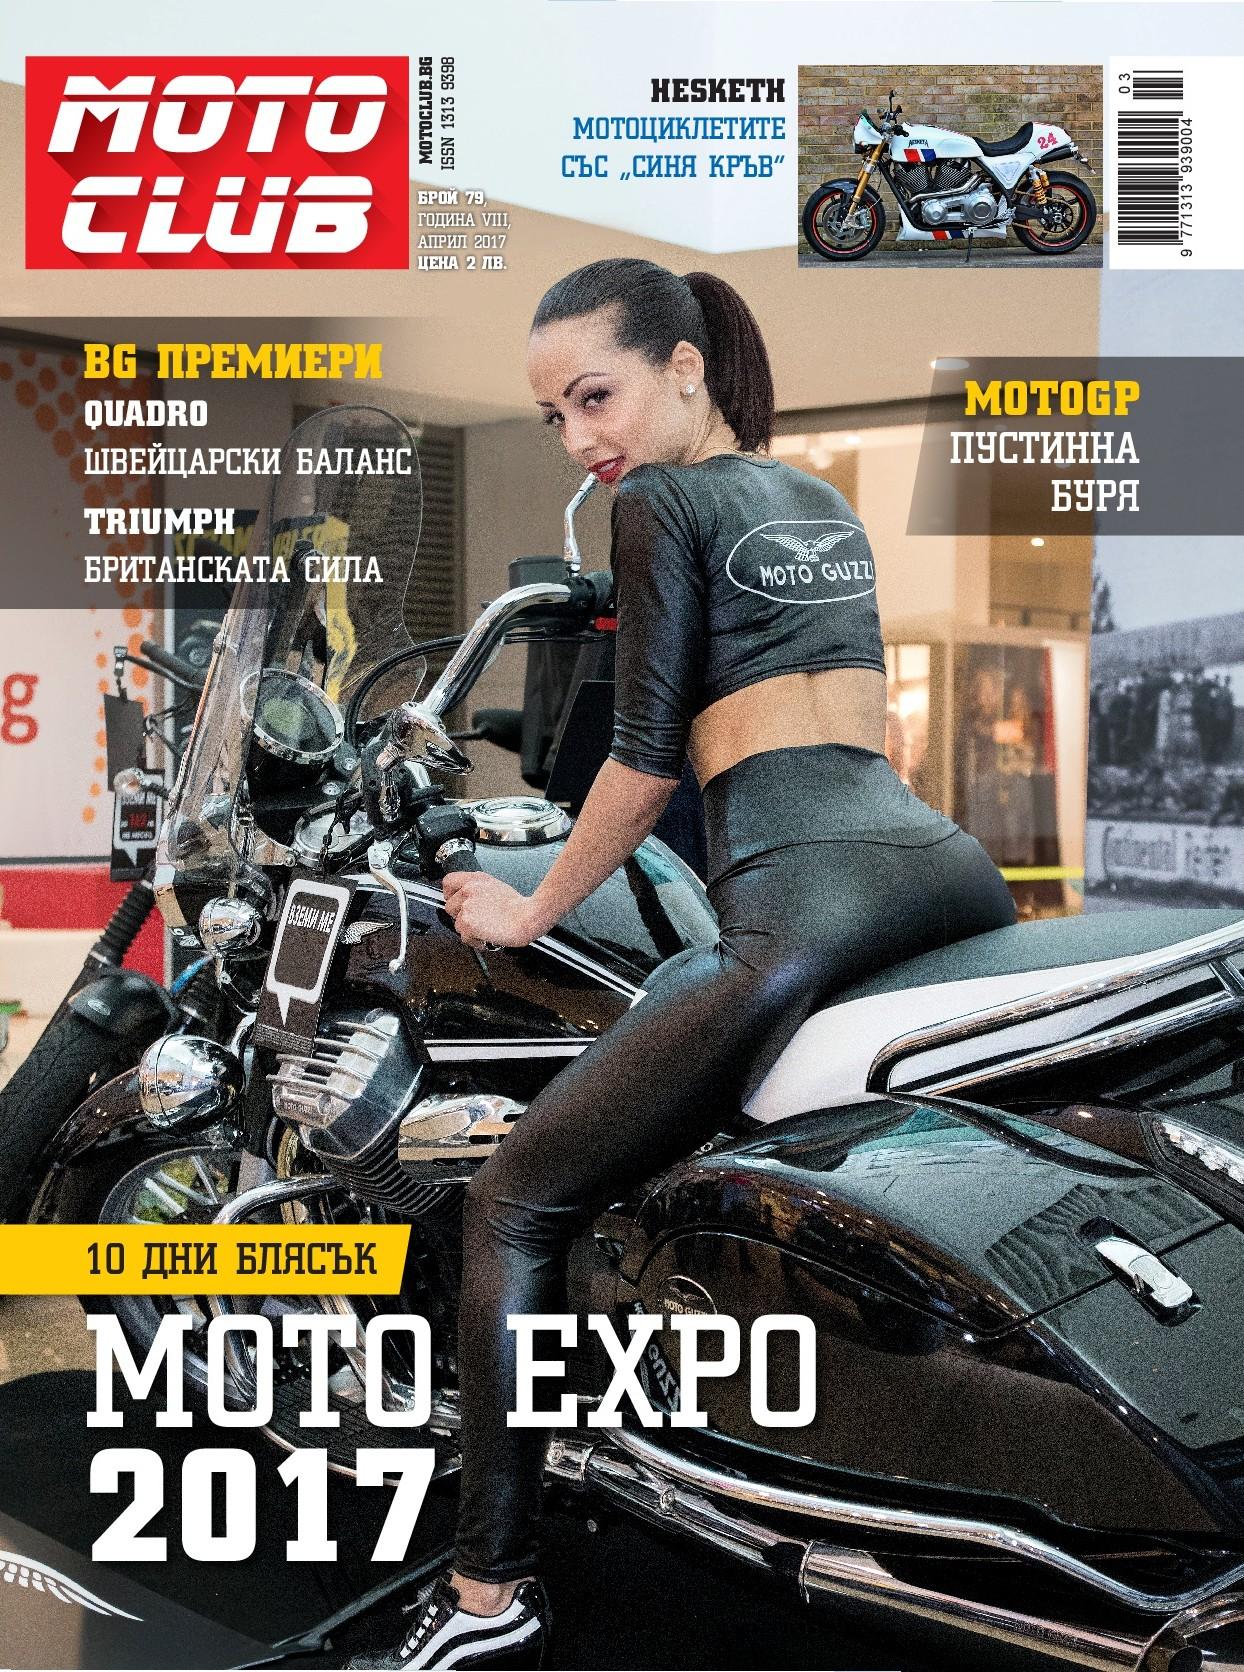 BG премиери в брой 79 на списание Moto Club